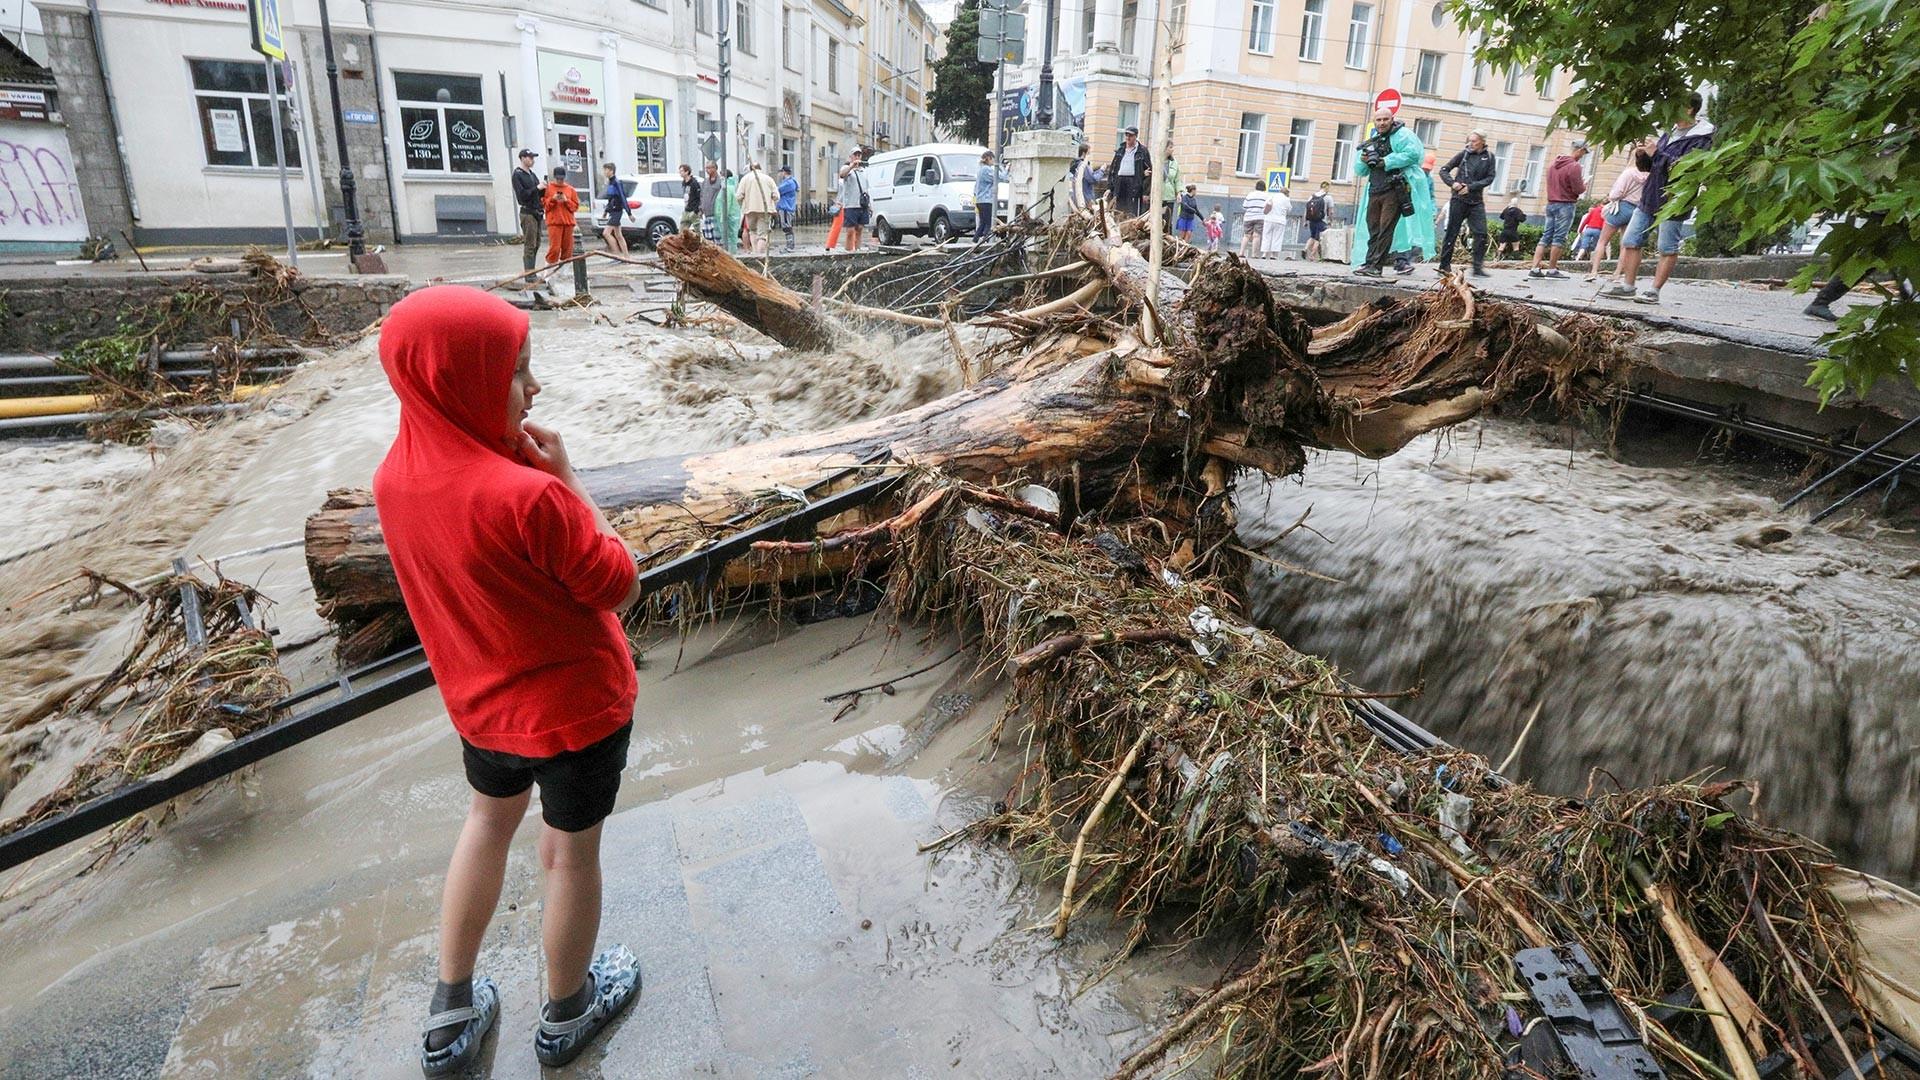 Људи на улици после поплаве након обилних падавина на Јалти.